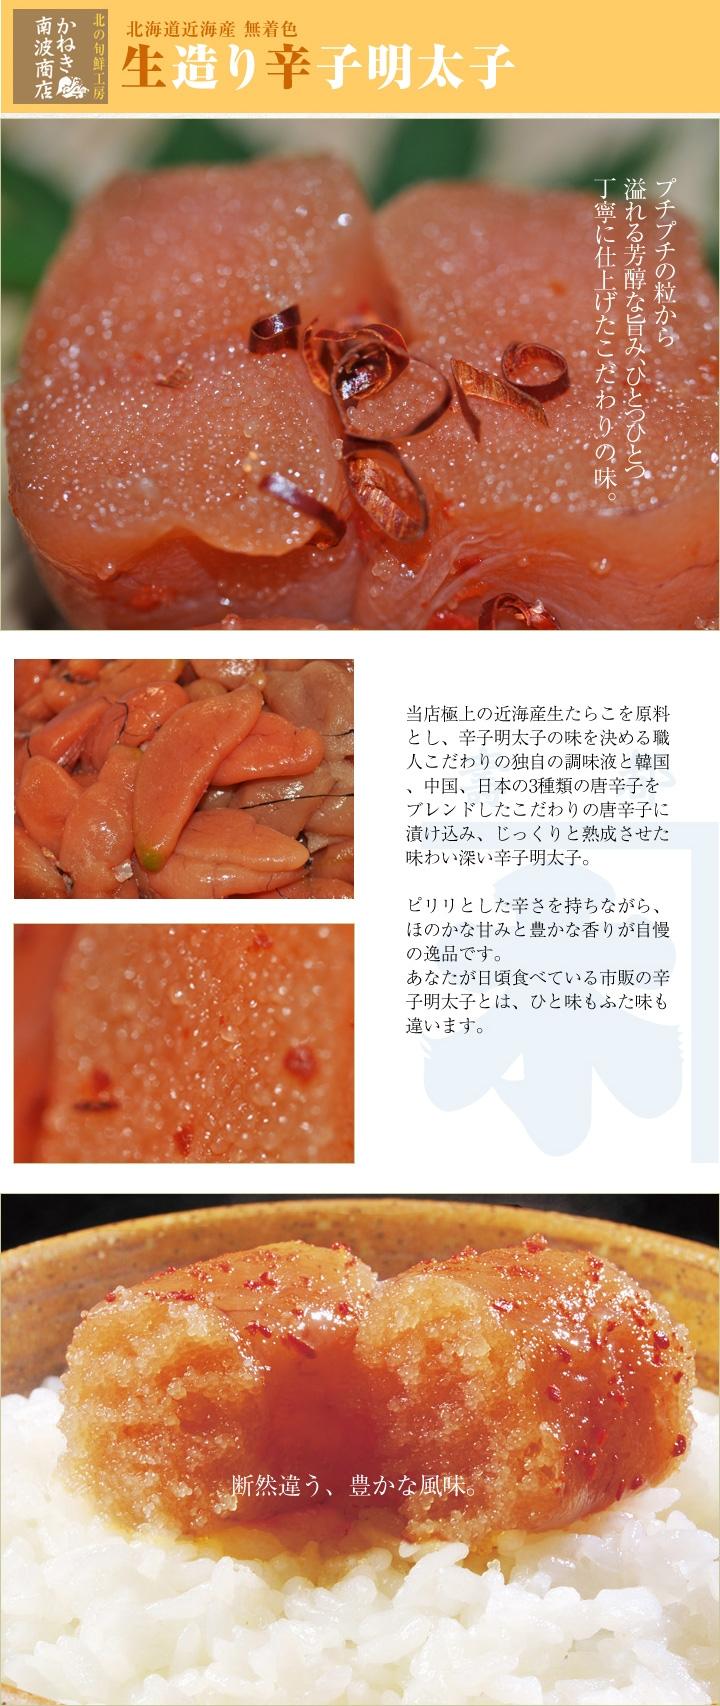 職人こだわりの独自の調味液と韓国、中国、日本の3種類の唐辛子をブレンドしたこだわりの唐辛子に漬け込み、じっくりと熟成させた味わい深い辛子明太子。